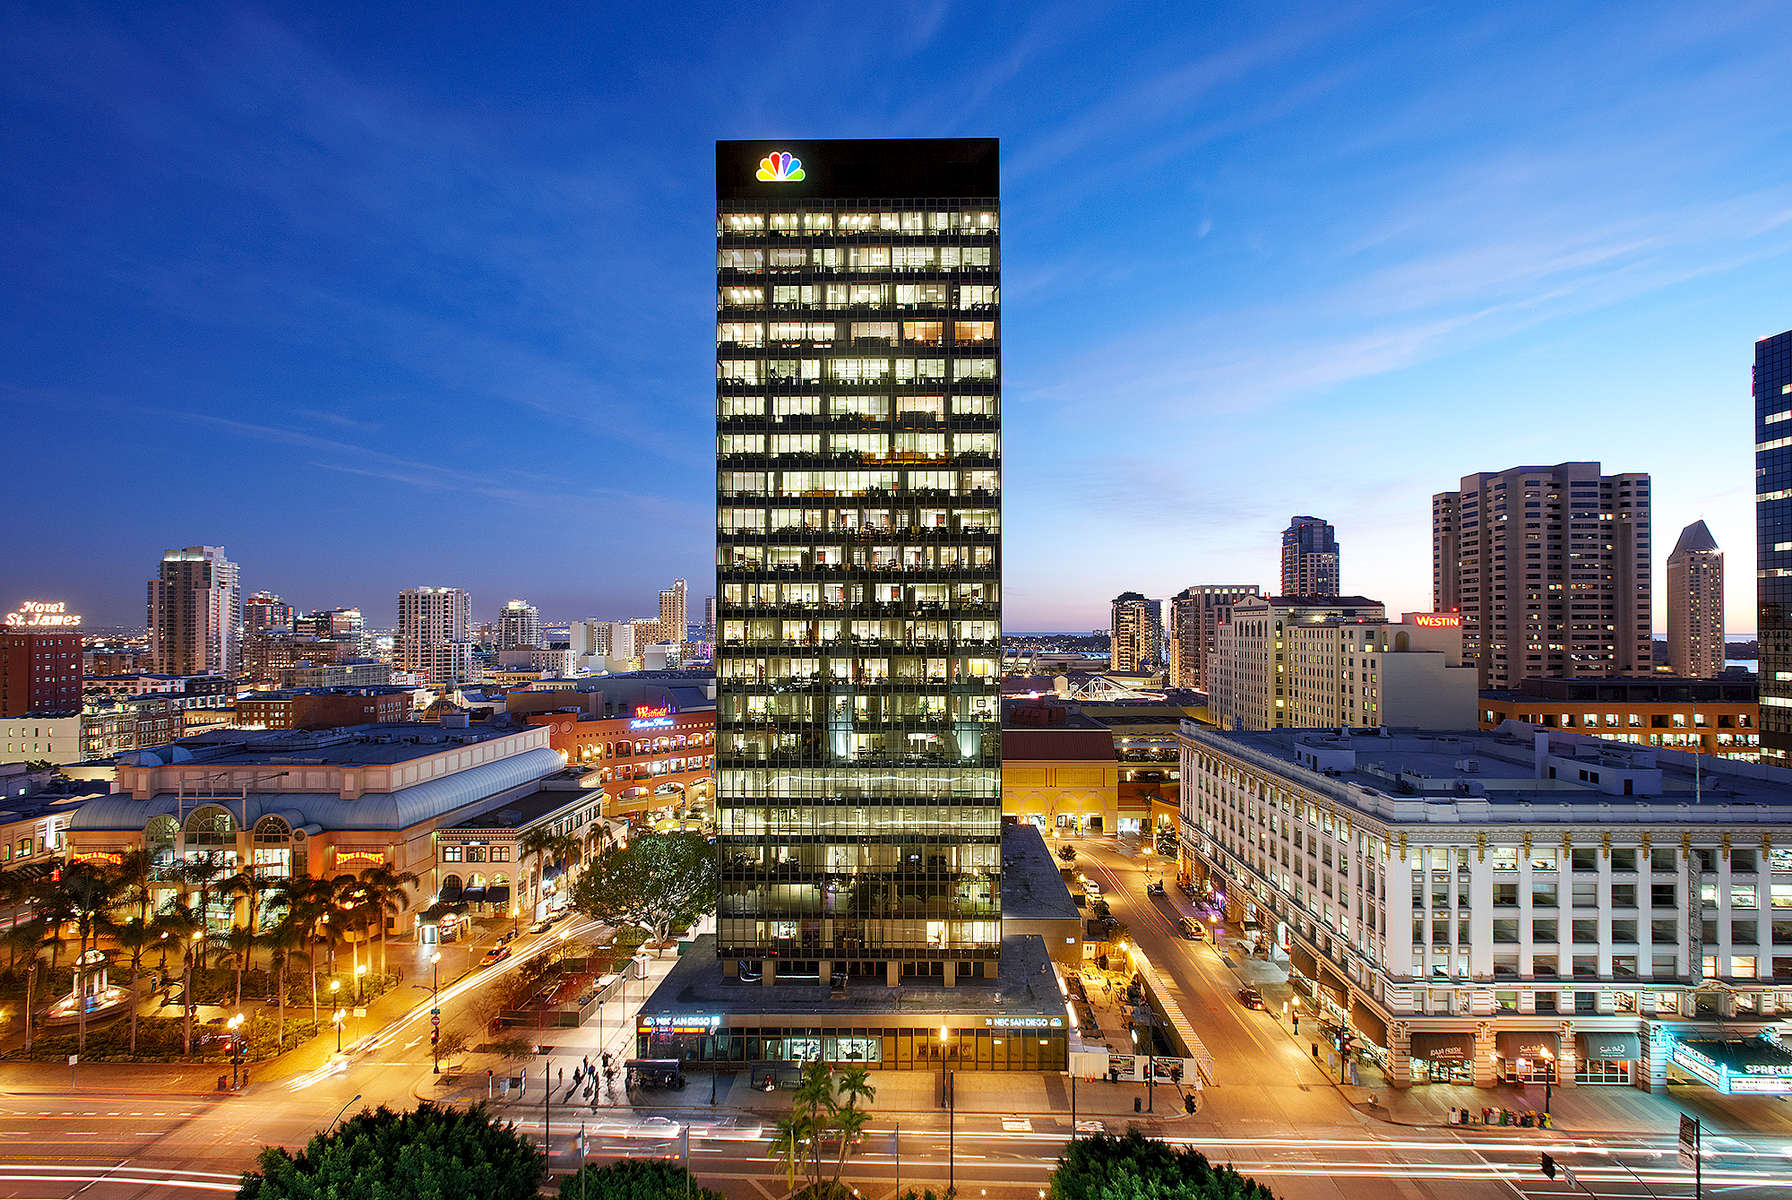 NBC Tower - San Diego, California